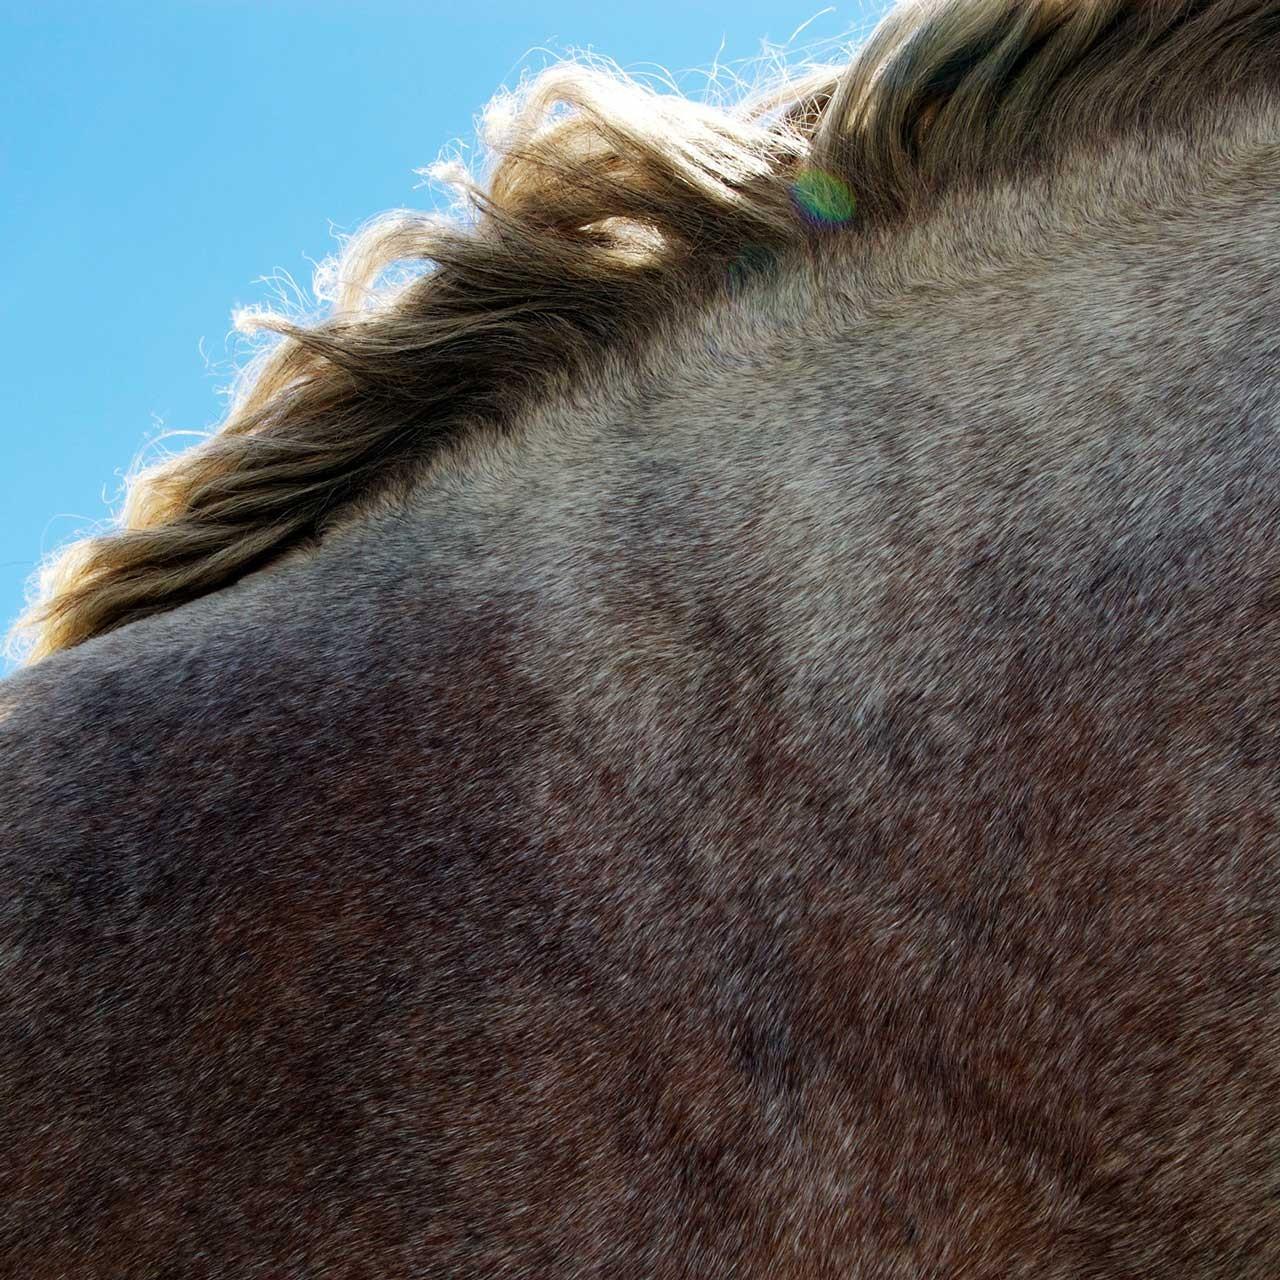 Laure-Maud_photographe_02_chevaux_Vercors_Font-Urle_01